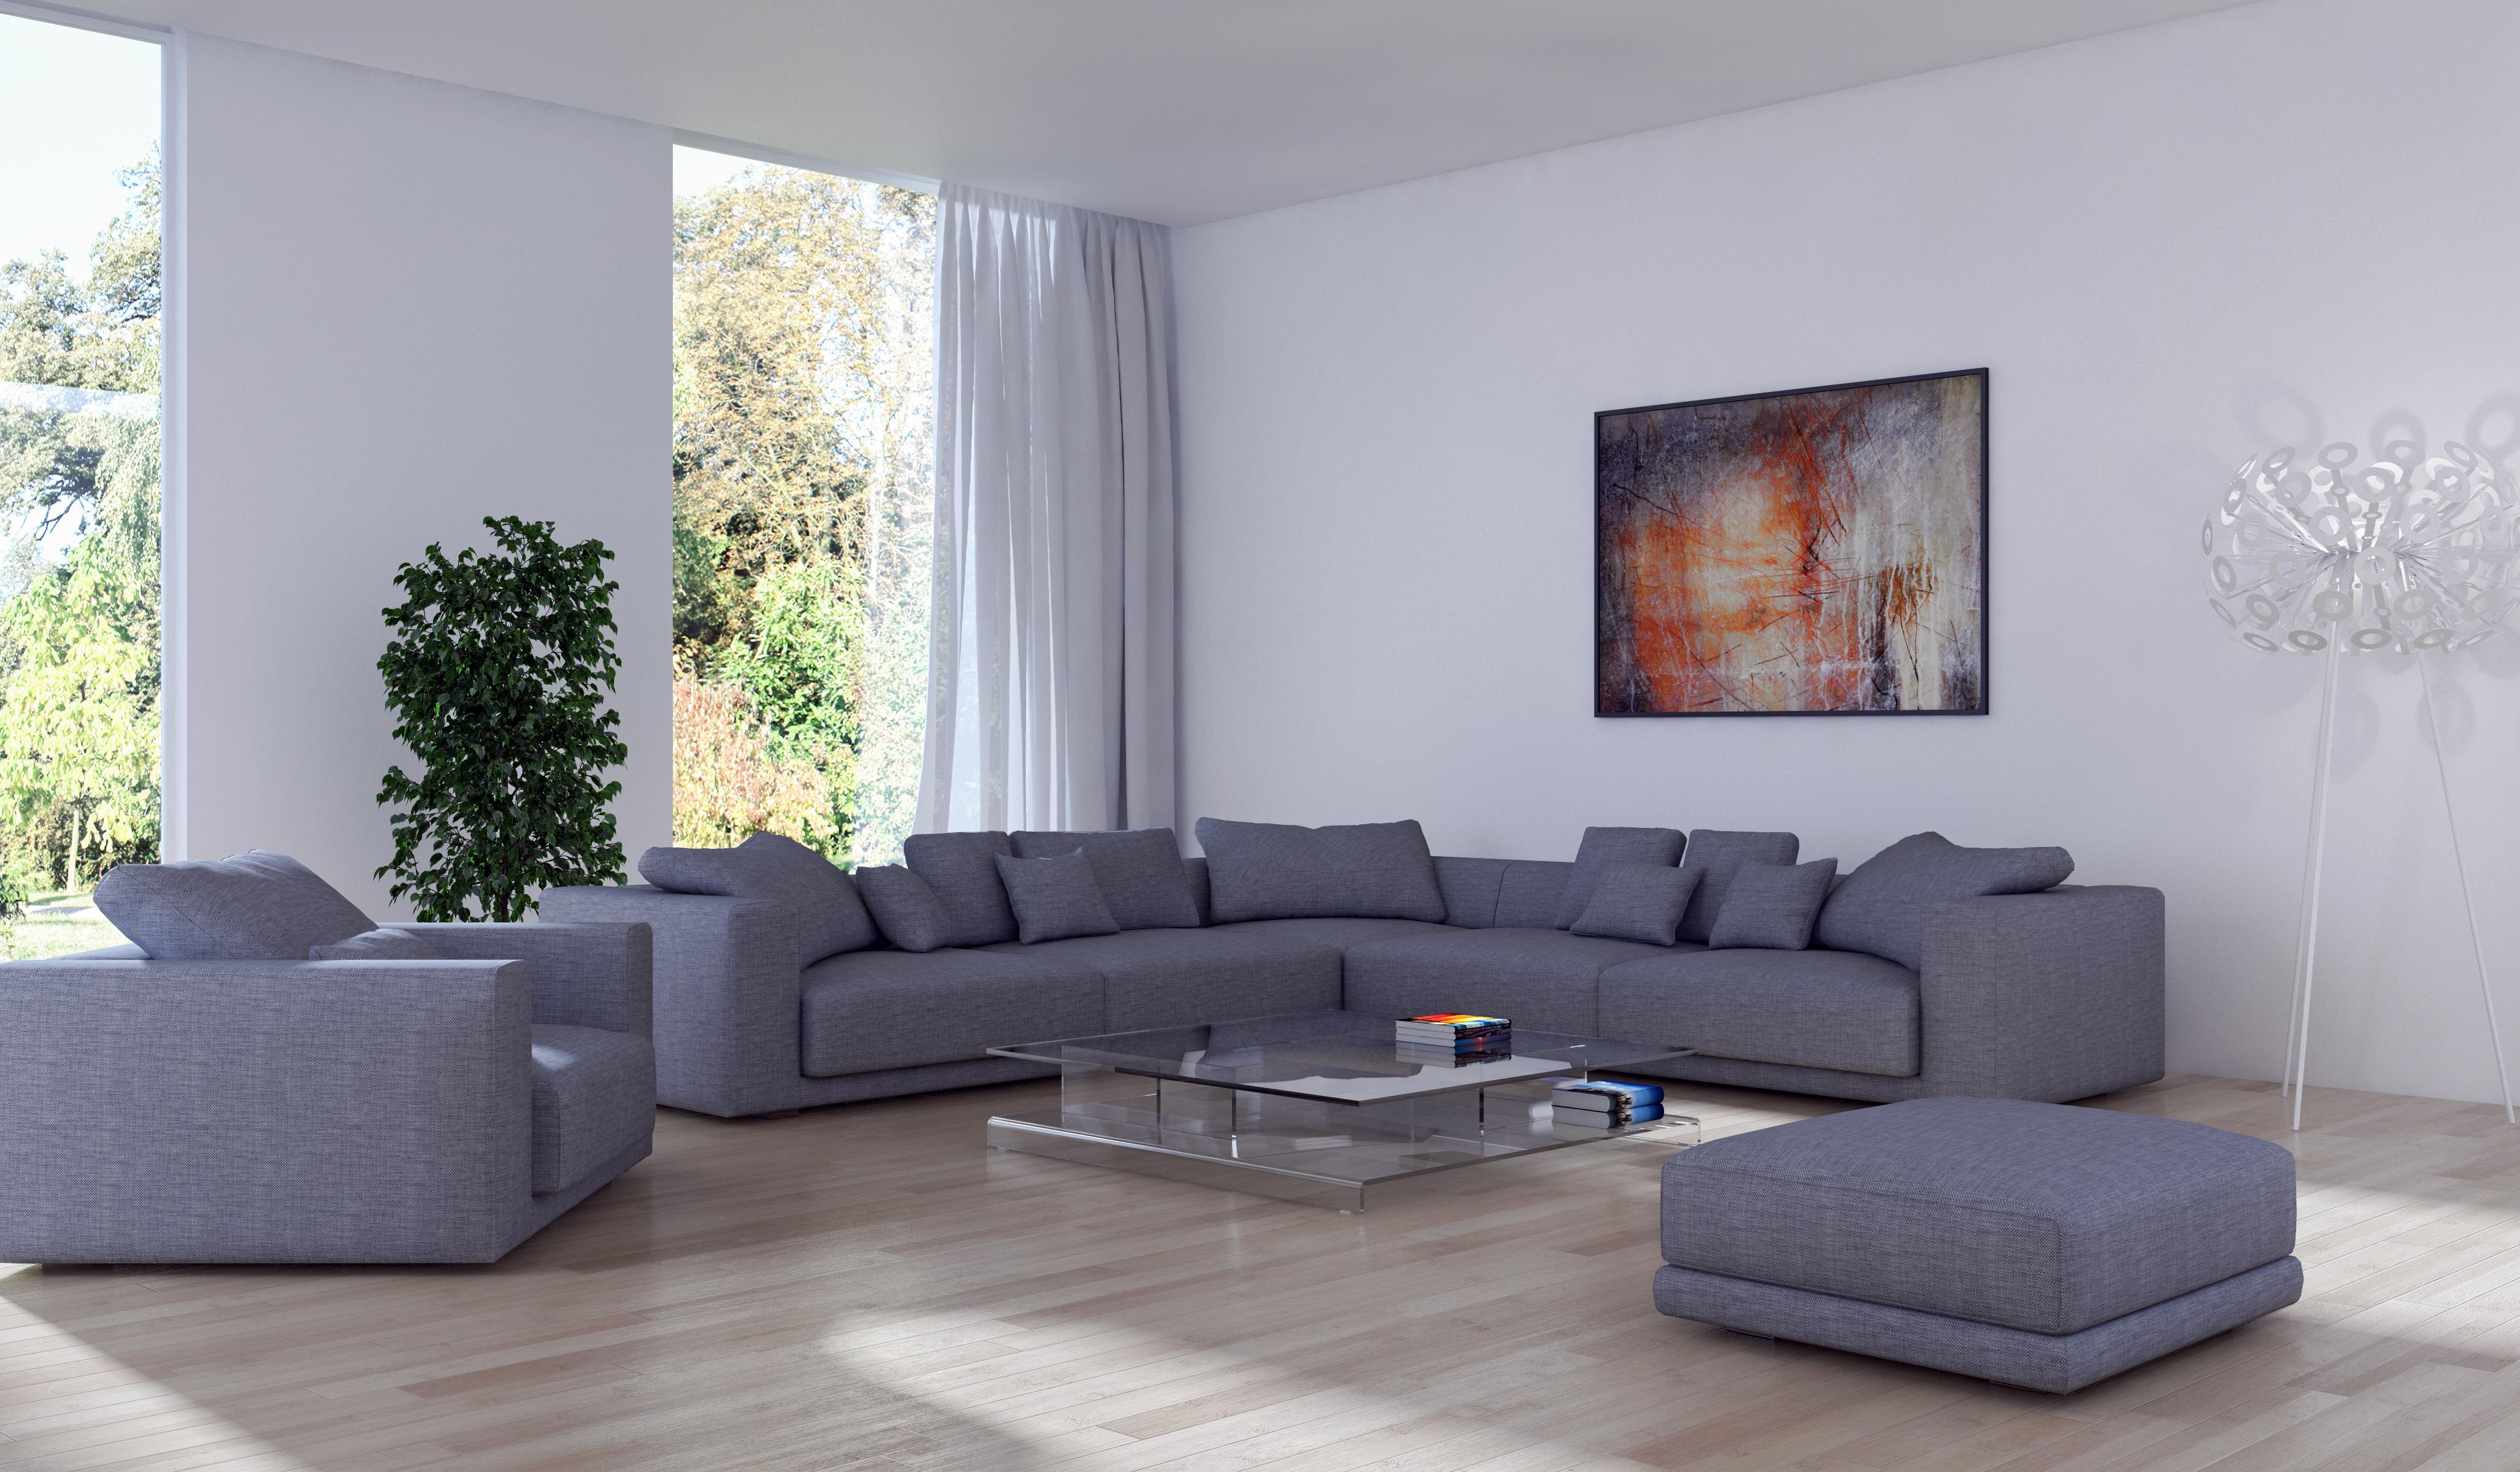 Обои для рабочего стола гостевая 3д Интерьер Диван Кресло дизайна 4109x2400 Гостиная 3D Графика диване Дизайн